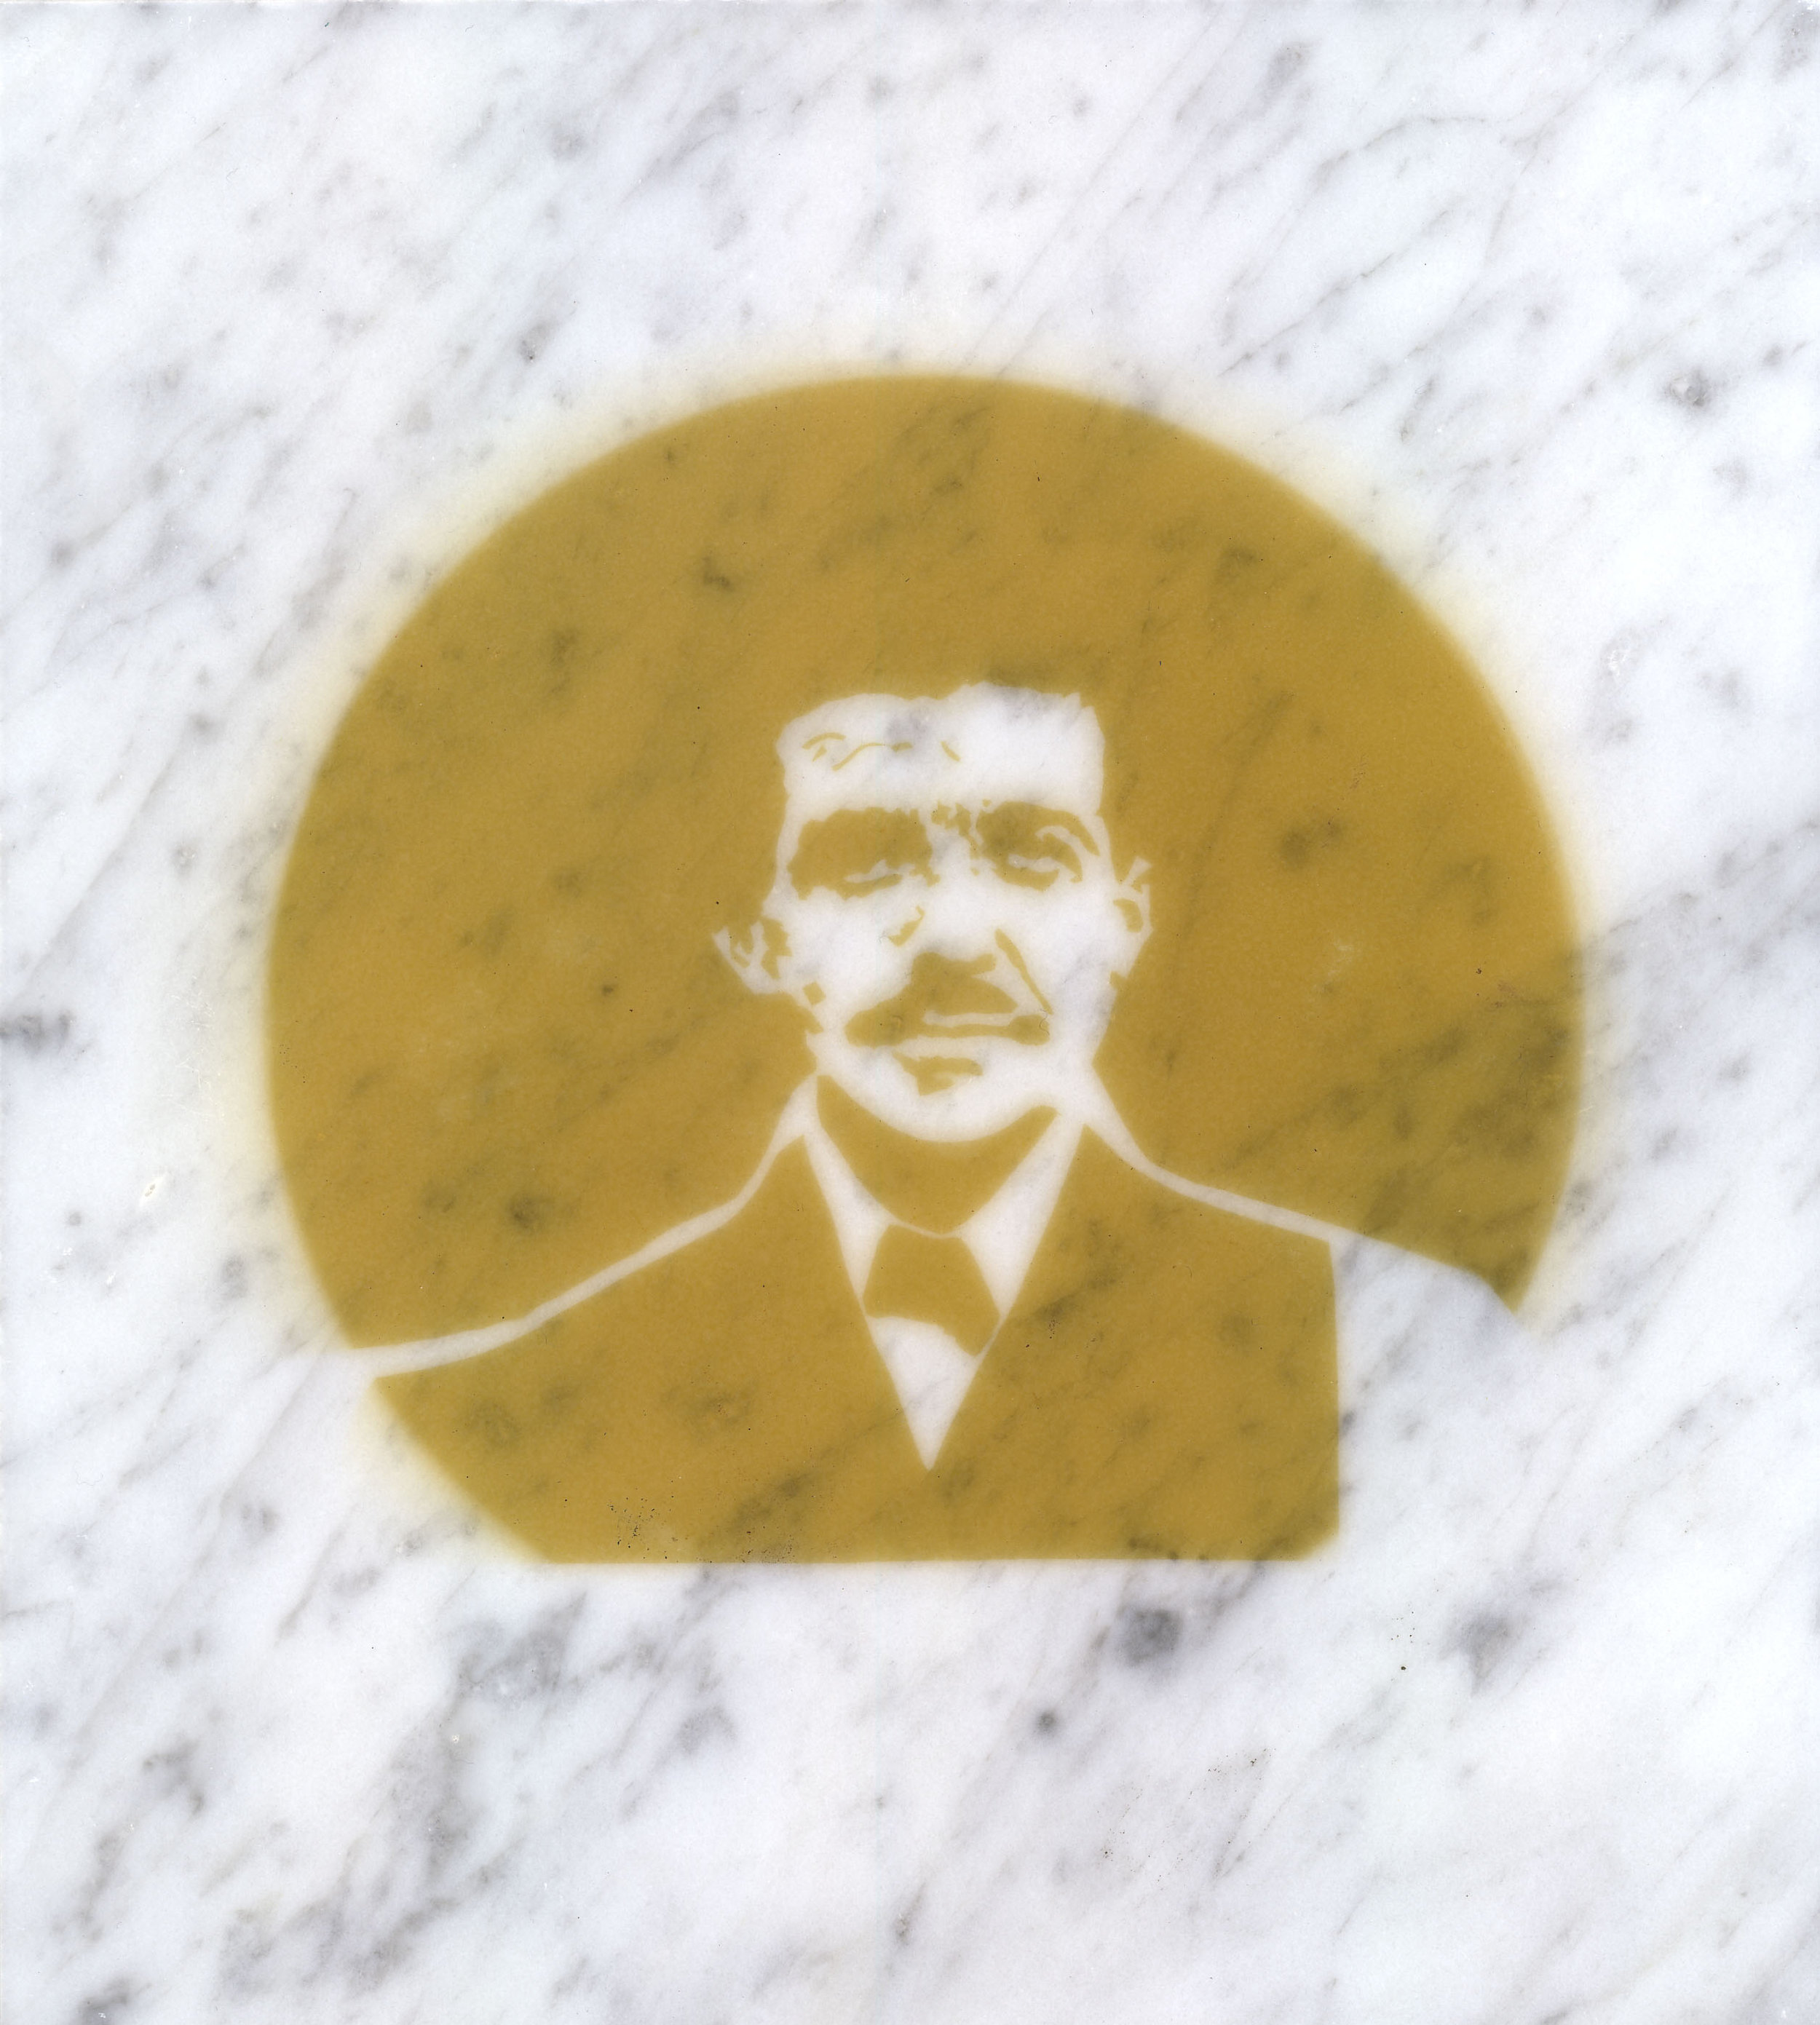 $ick Men  (Carols Ponzi), incense smoke oil on marble, 2013.